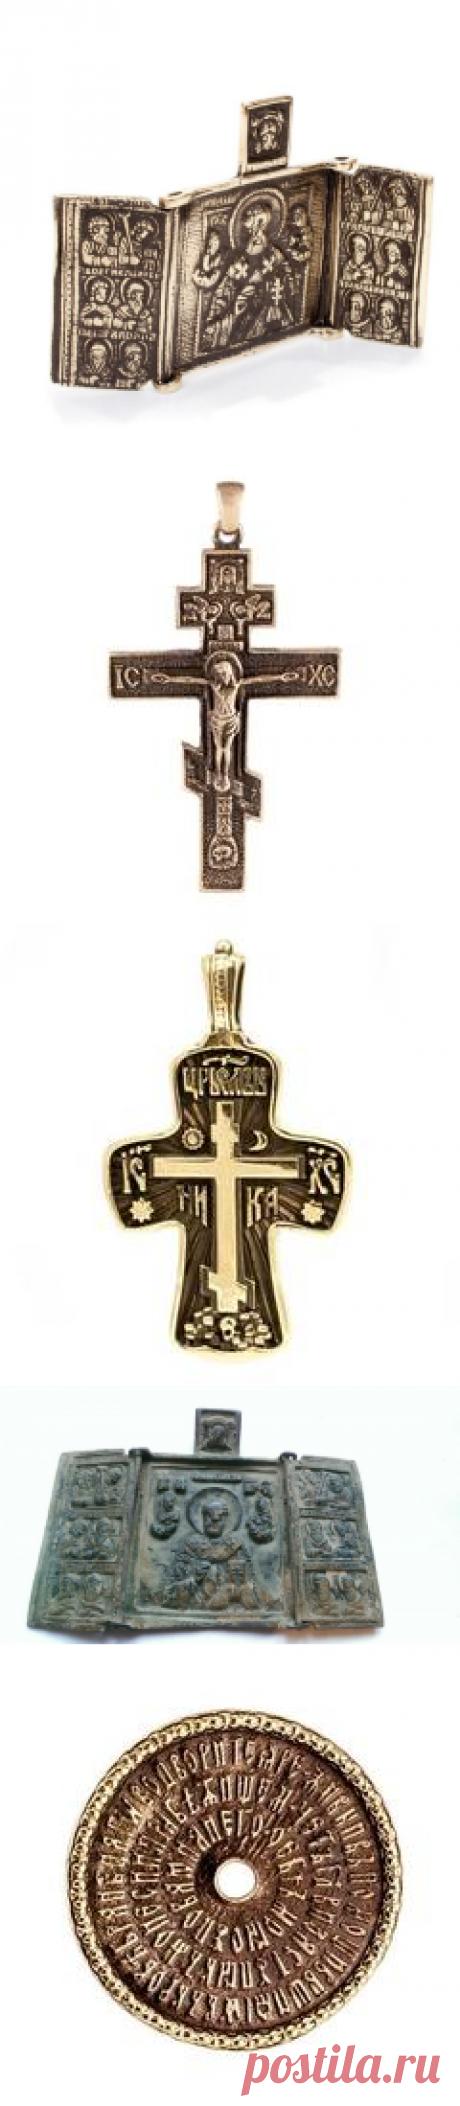 Купи икону-складень Николай Чудотворец – защитит от зла и напастей